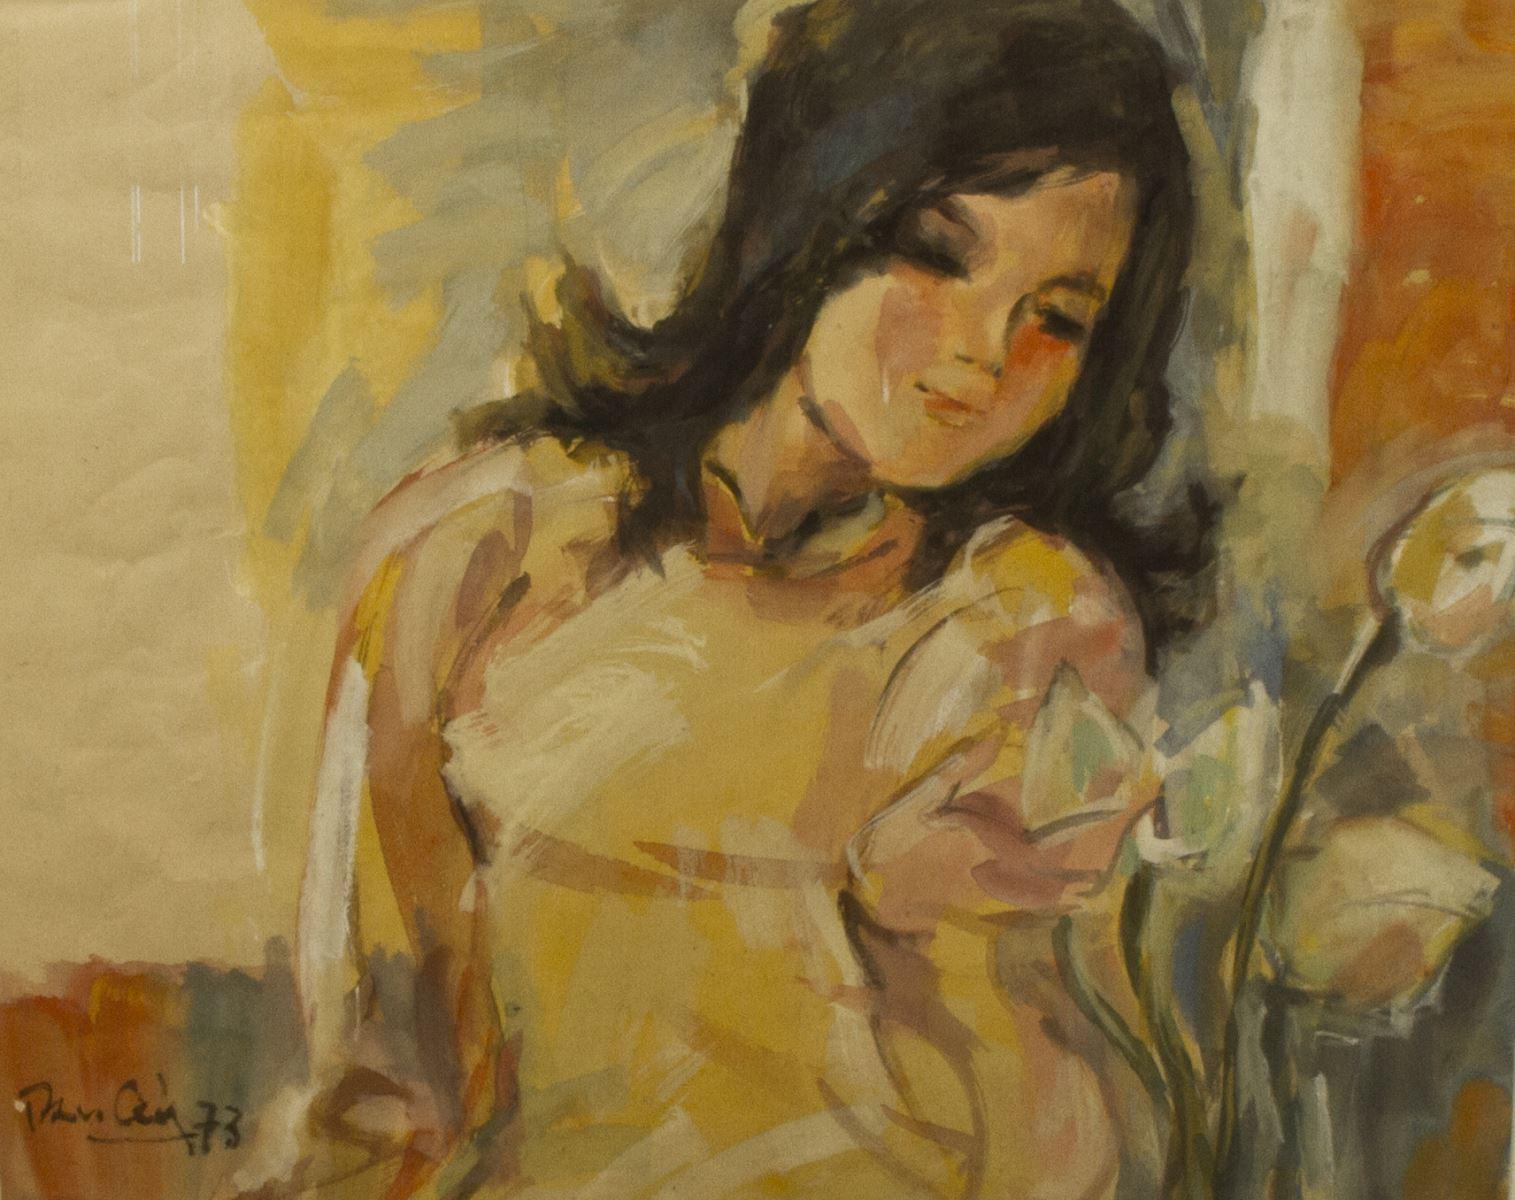 """ức """"Tình yêu đầu tiên"""" của Trần Văn Cẩn được mua với giá gần 1 tỷ"""